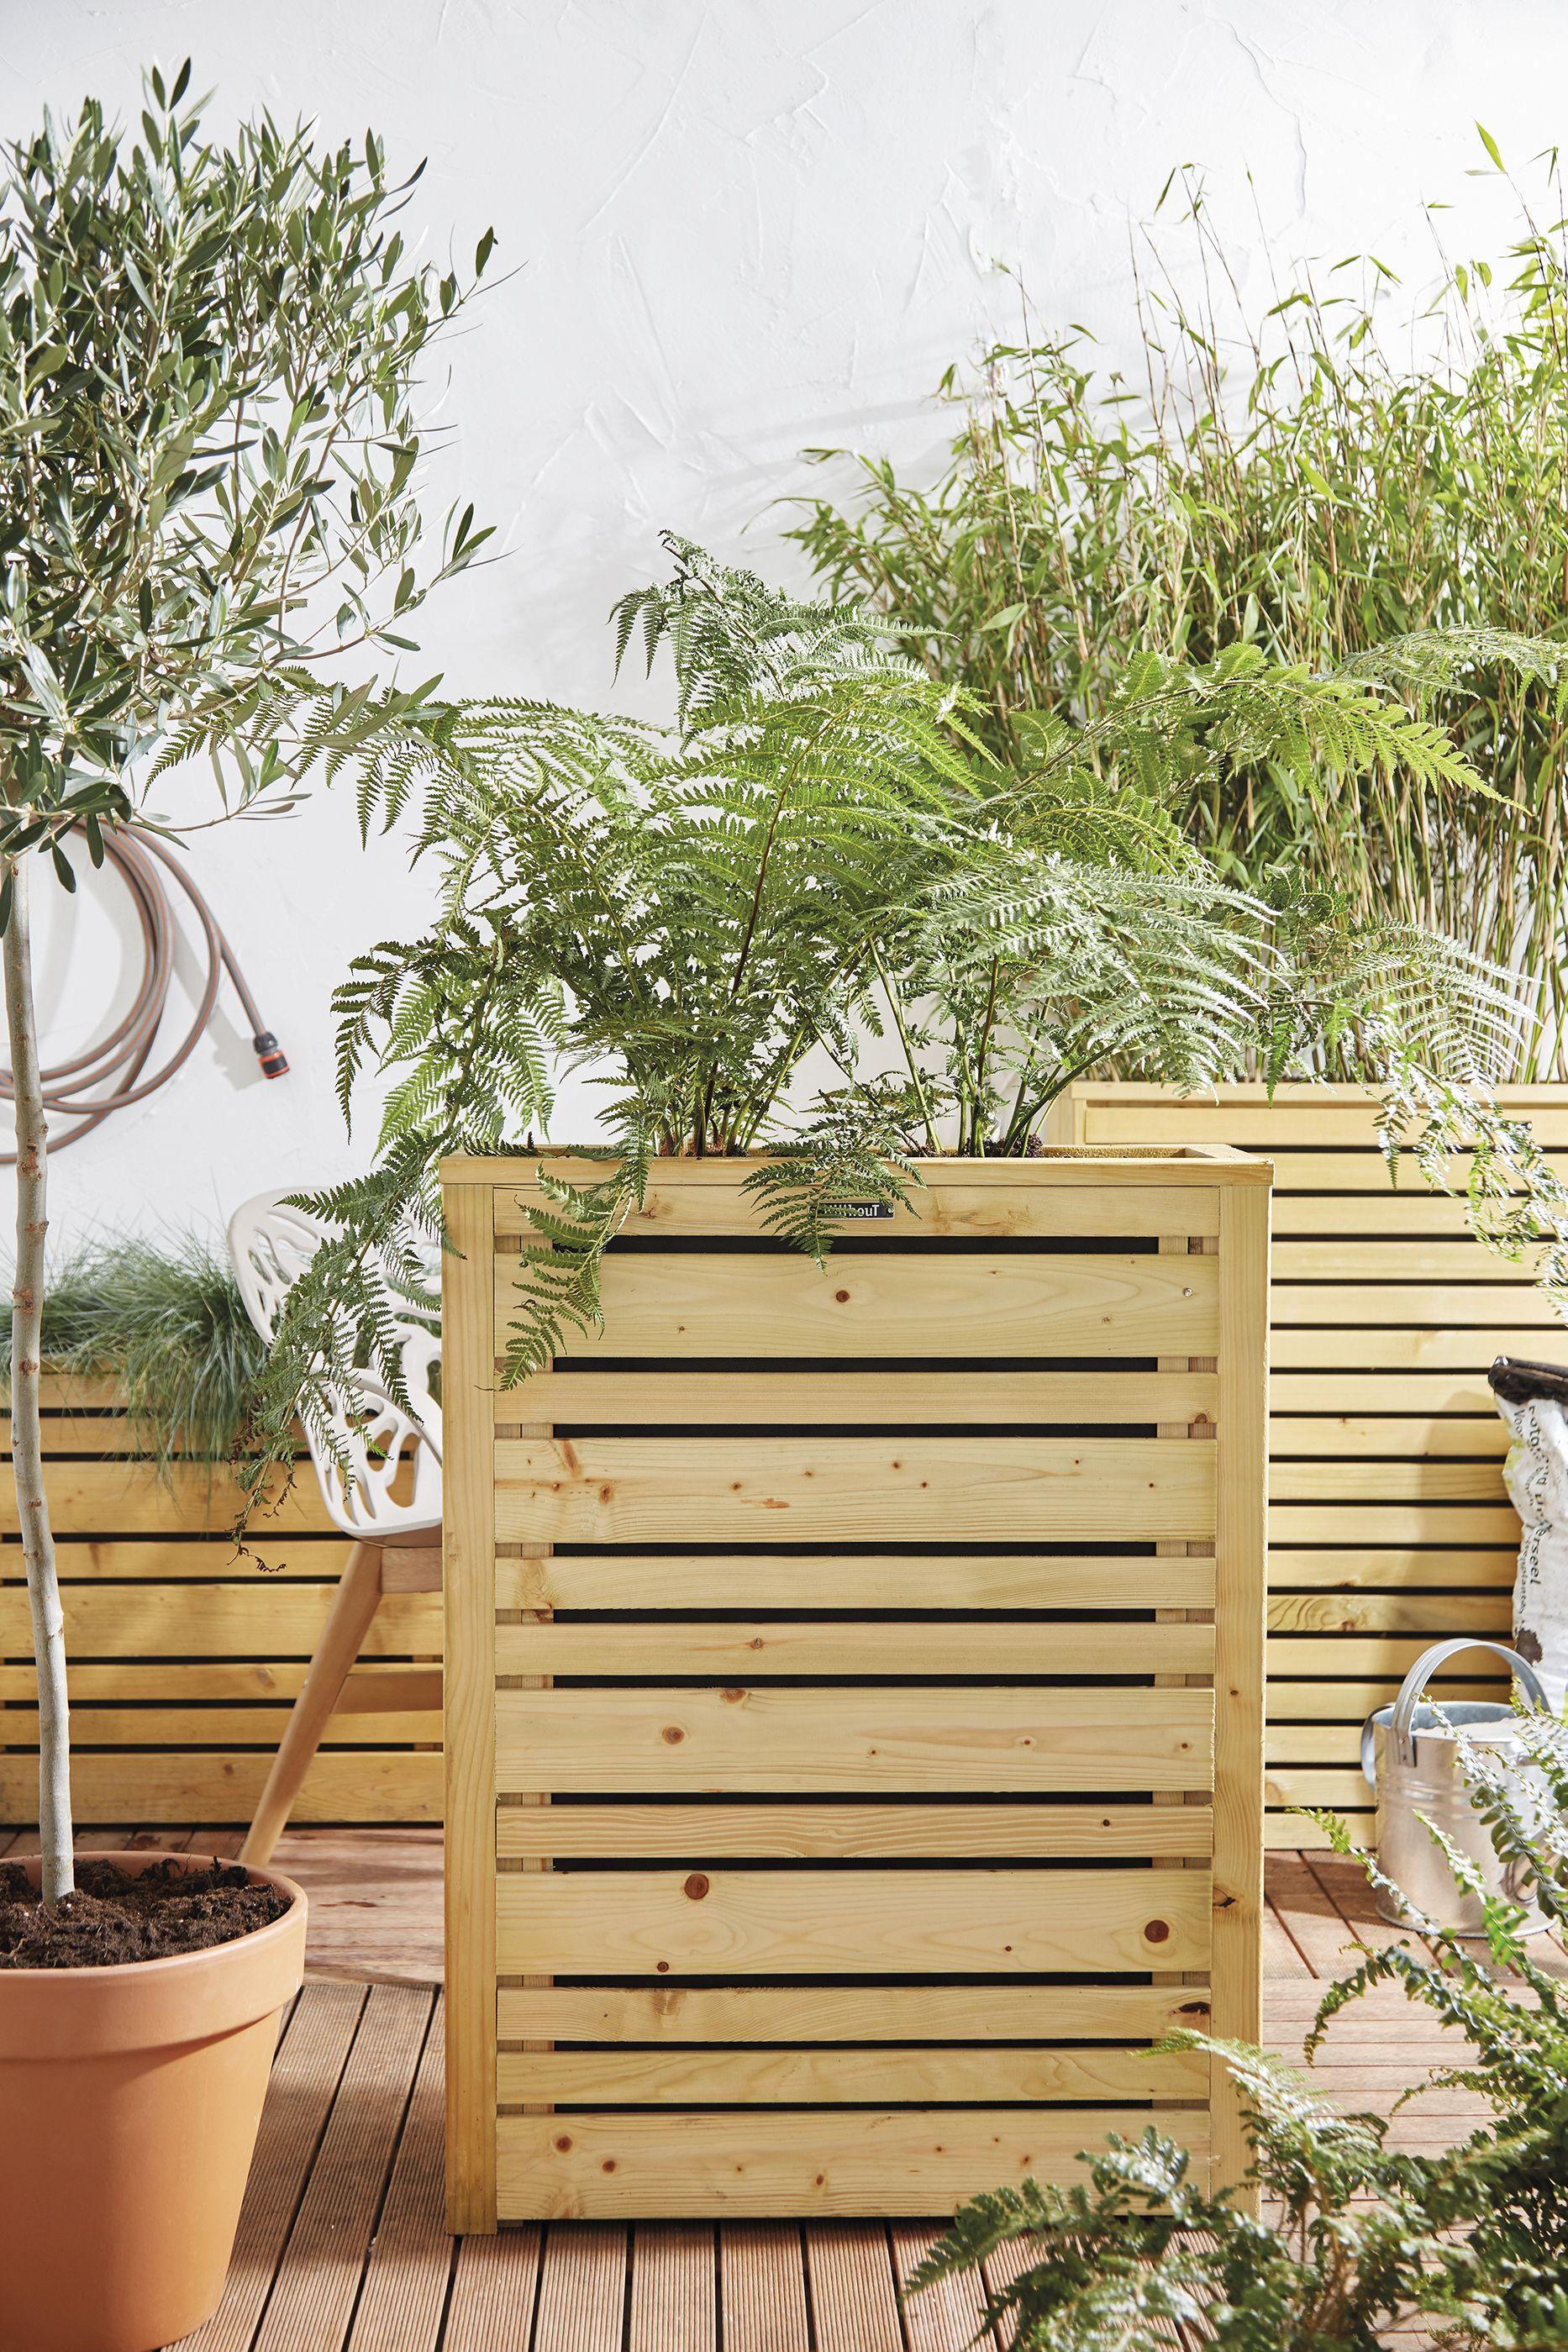 Houten Plantenbak Intratuin.Houten Plantenbak Voor In De Tuin Intratuin Planten Plants